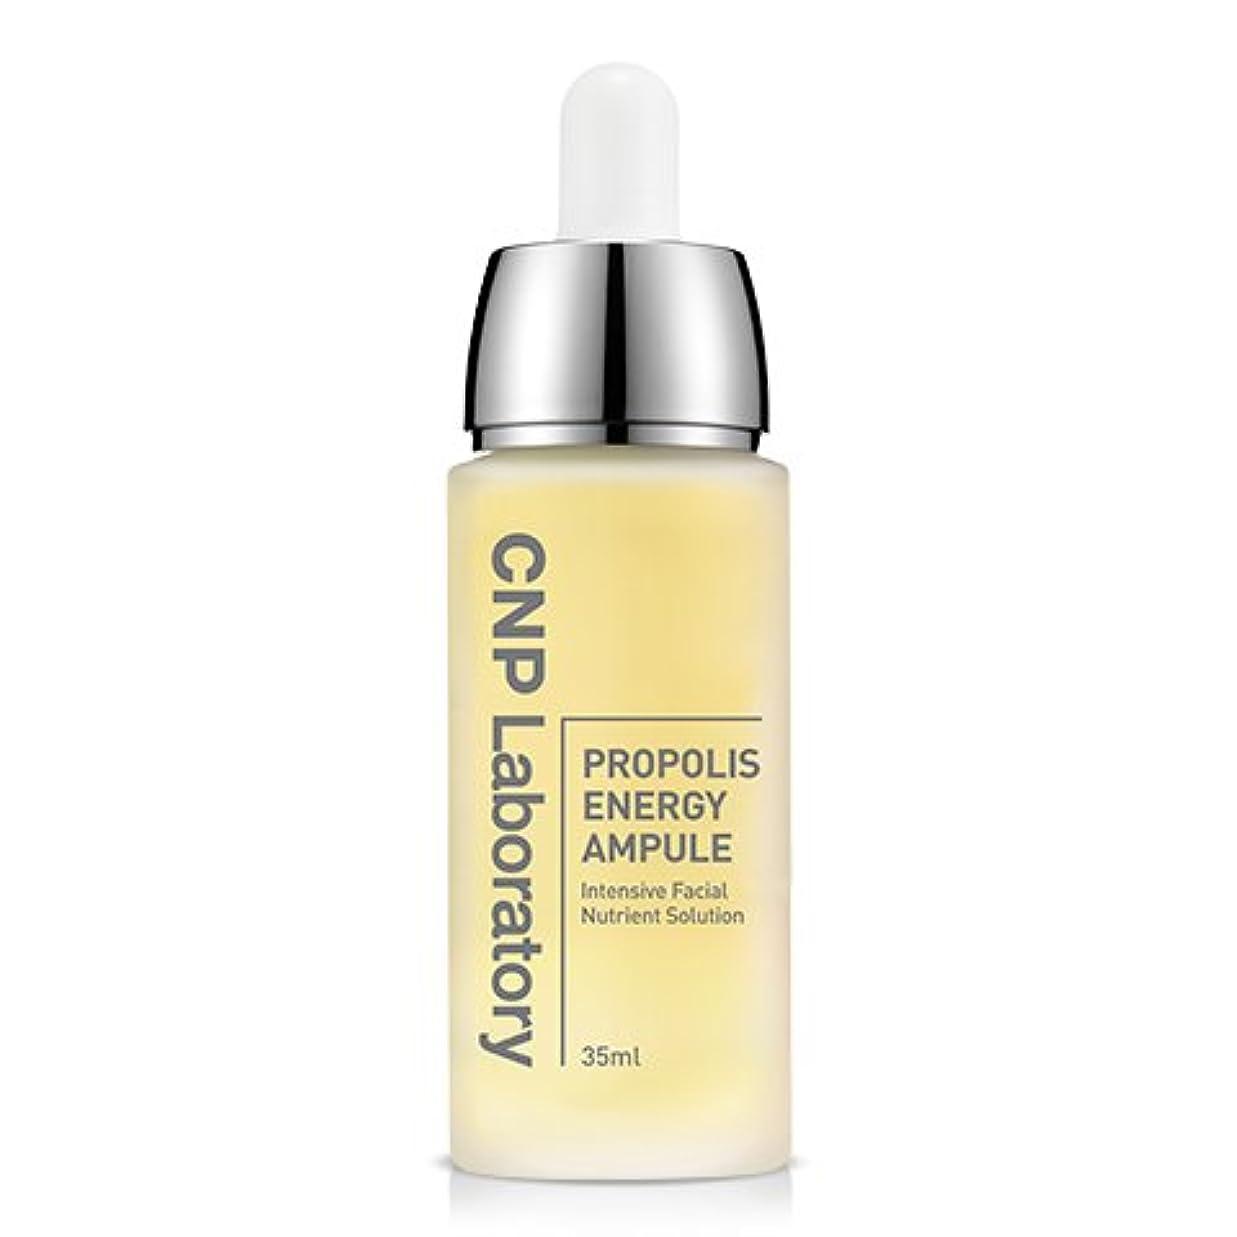 望まない花嫁援助CNP Laboratory Propolis Energy Ampule 35ML(肌の保湿、栄養、鎮静、肌の健康、ハニーエッセンス、栄養セラムを強化)